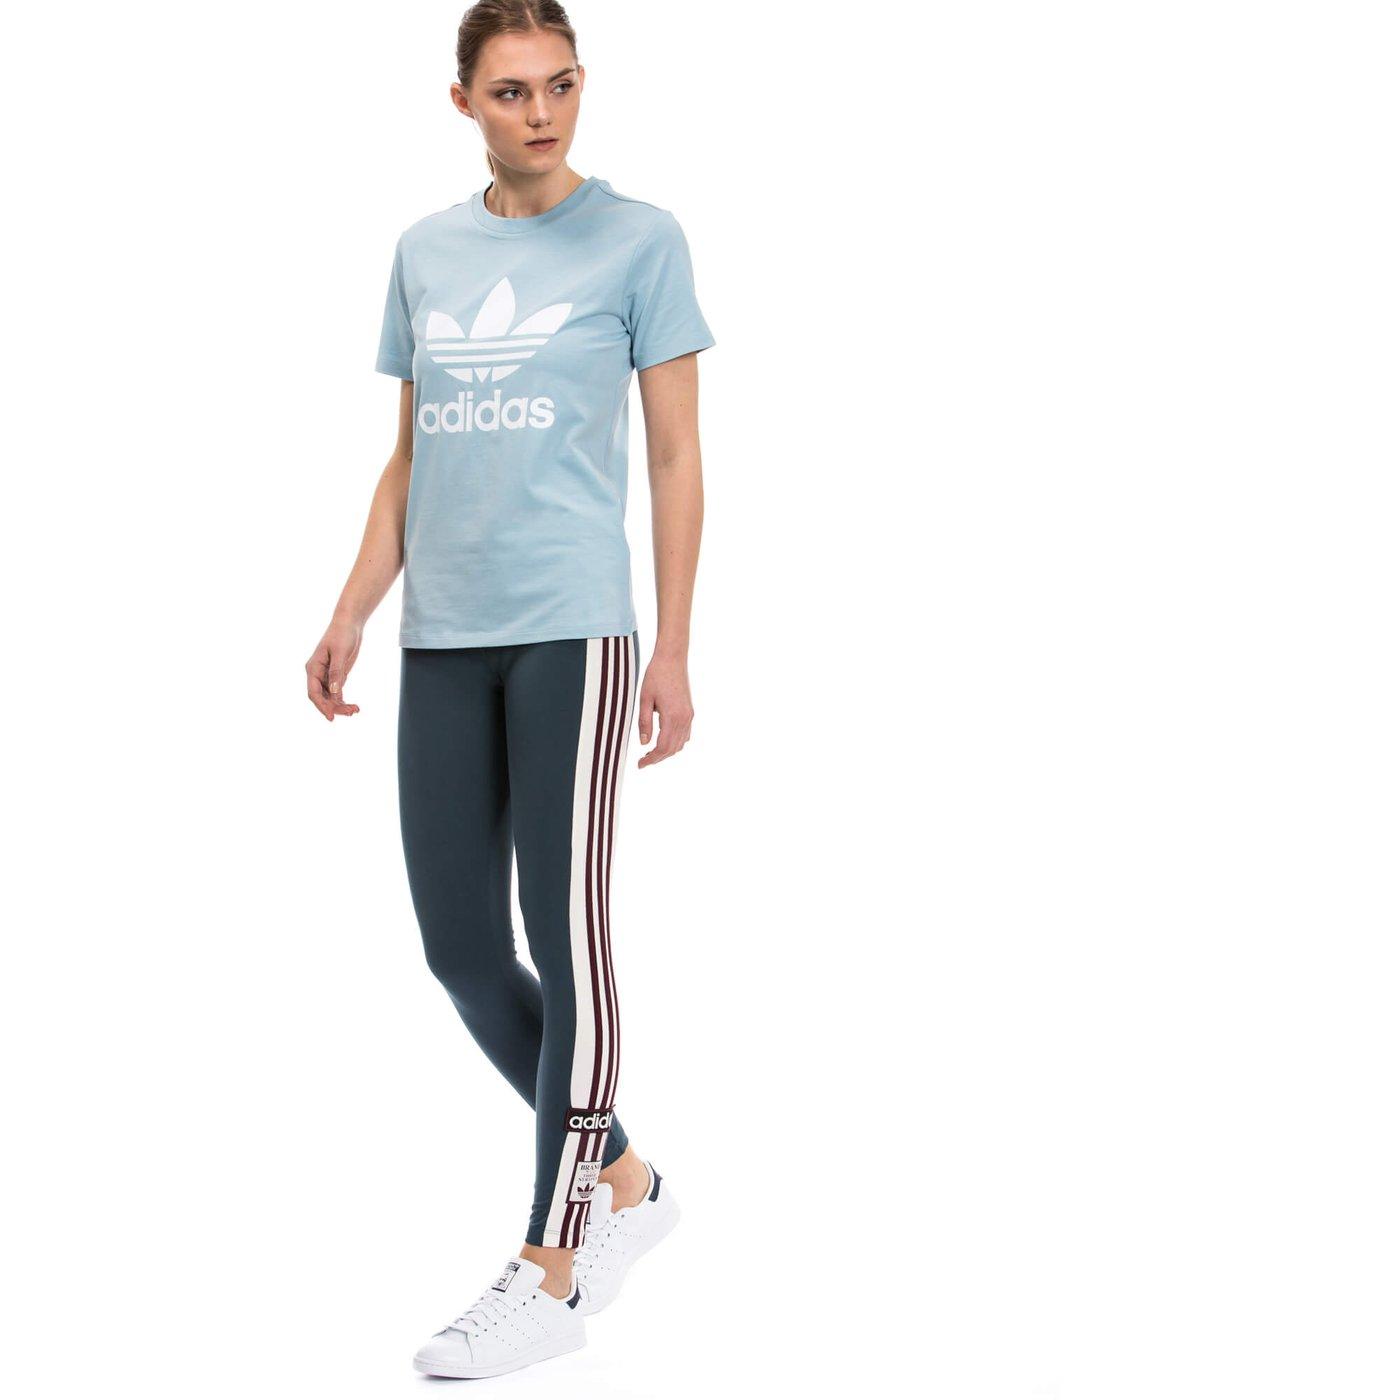 adidas Adibreak Tight Midngt Kadın Lacivert Tayt